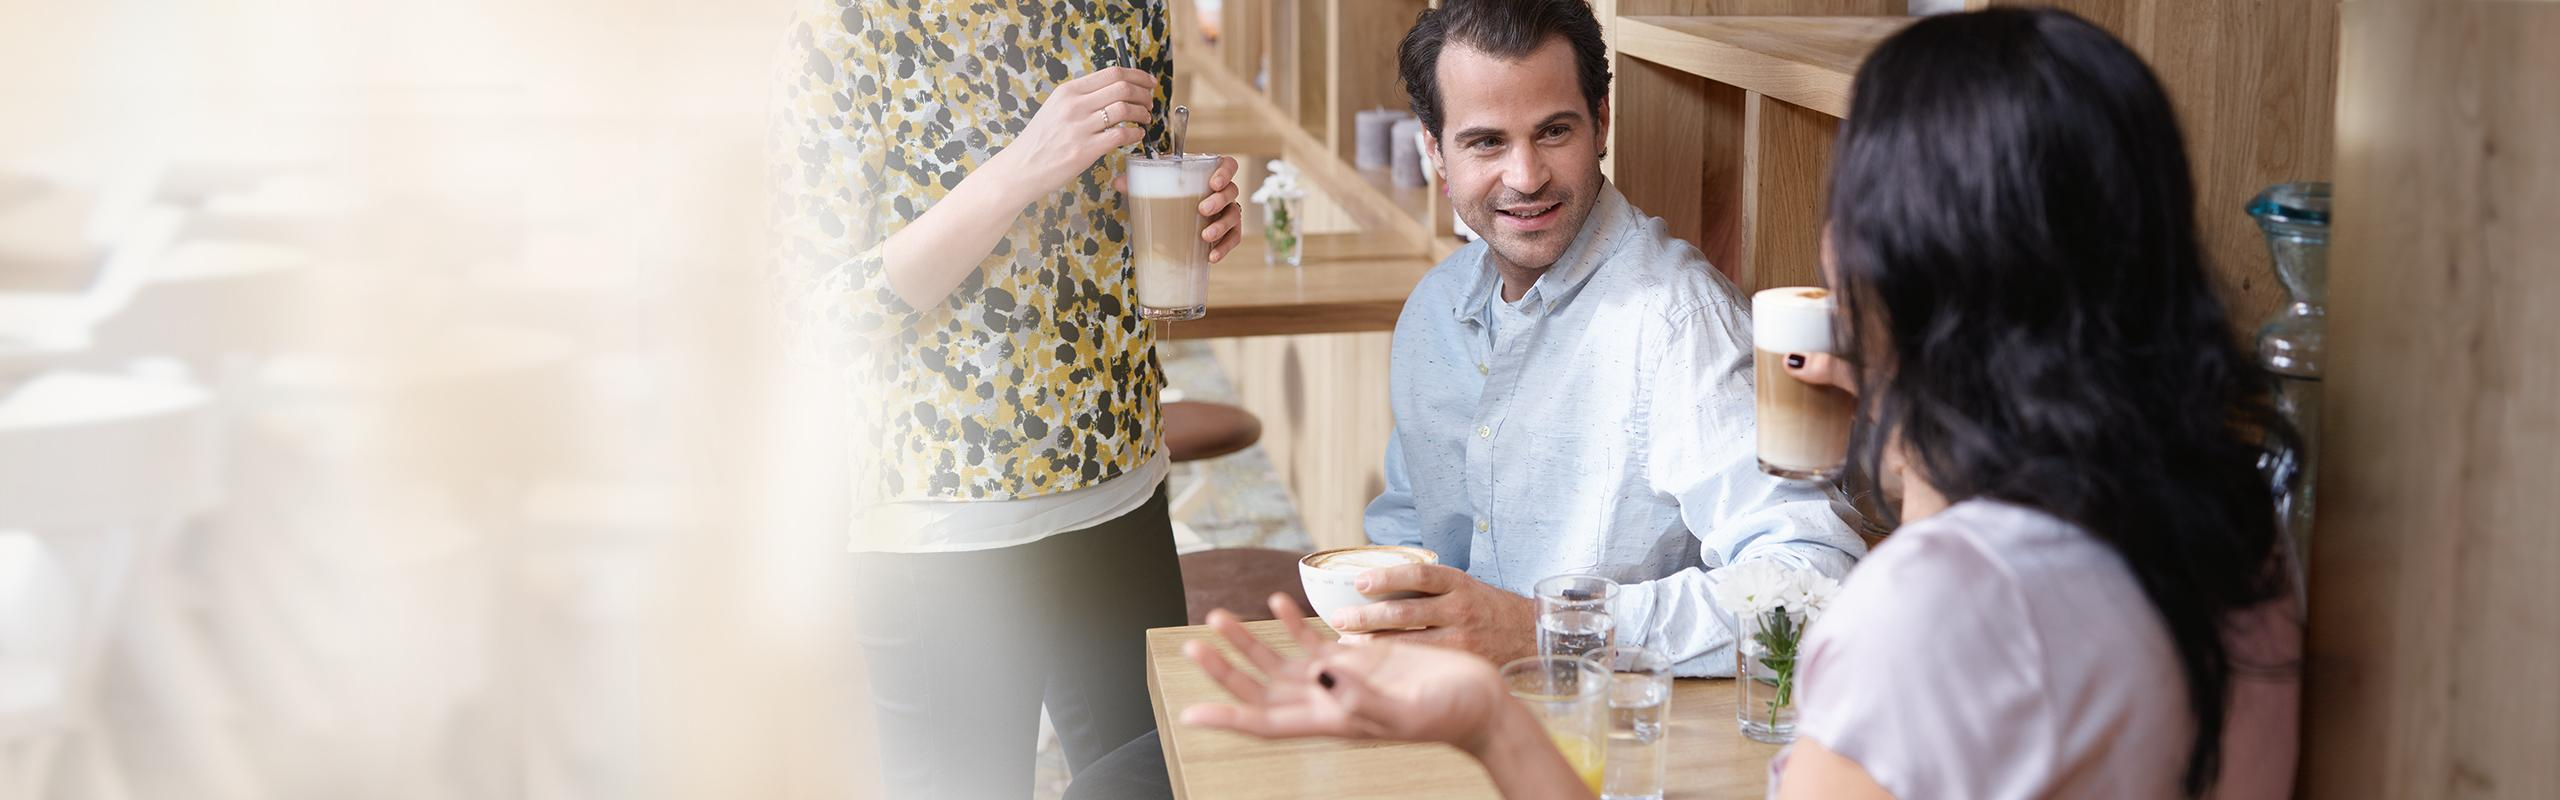 BRITA agua cafetería y panadería bebiendo café